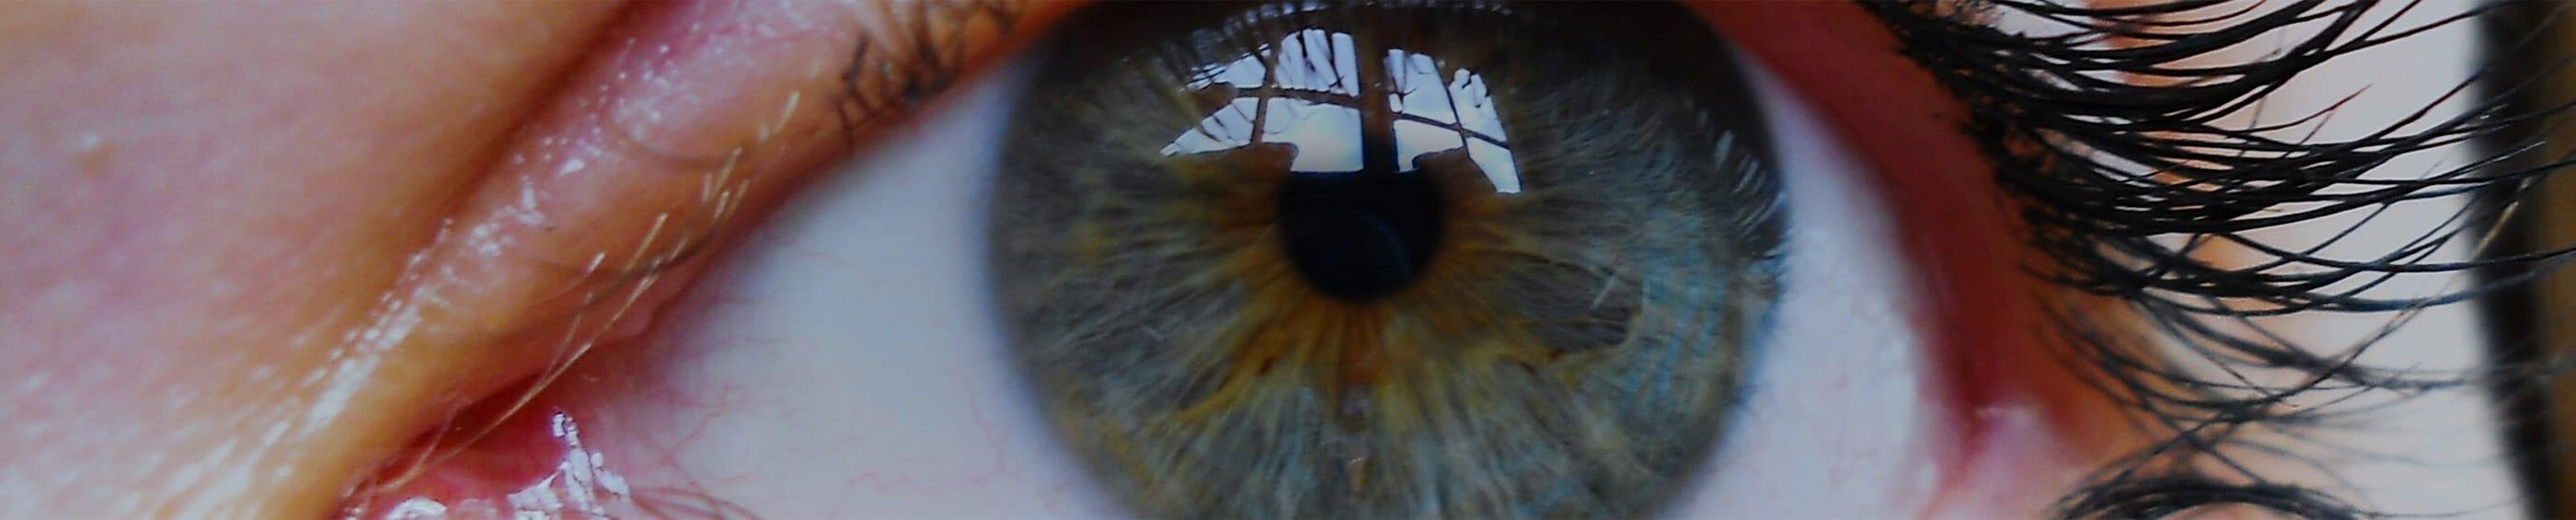 Kék színű női szem közeli felvétele